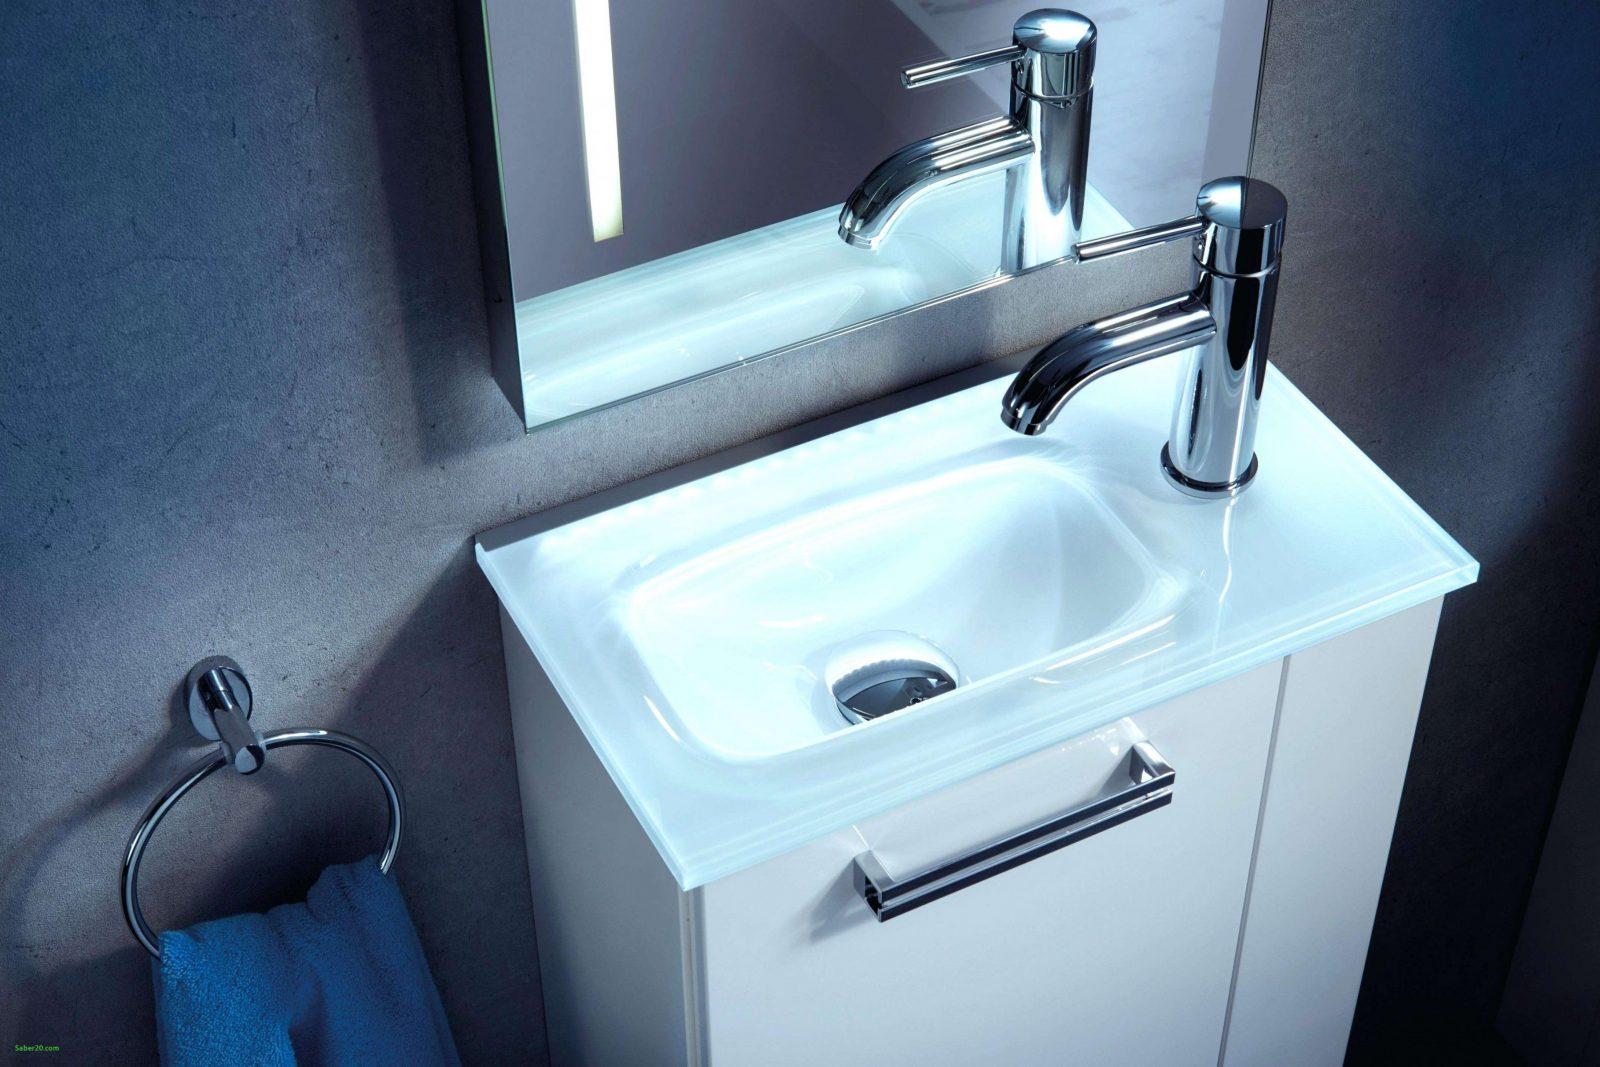 Bauhaus Spüle Mit Unterschrank New Kühlstes Ikea Spüle Mit von Waschbecken Mit Unterschrank Bauhaus Photo